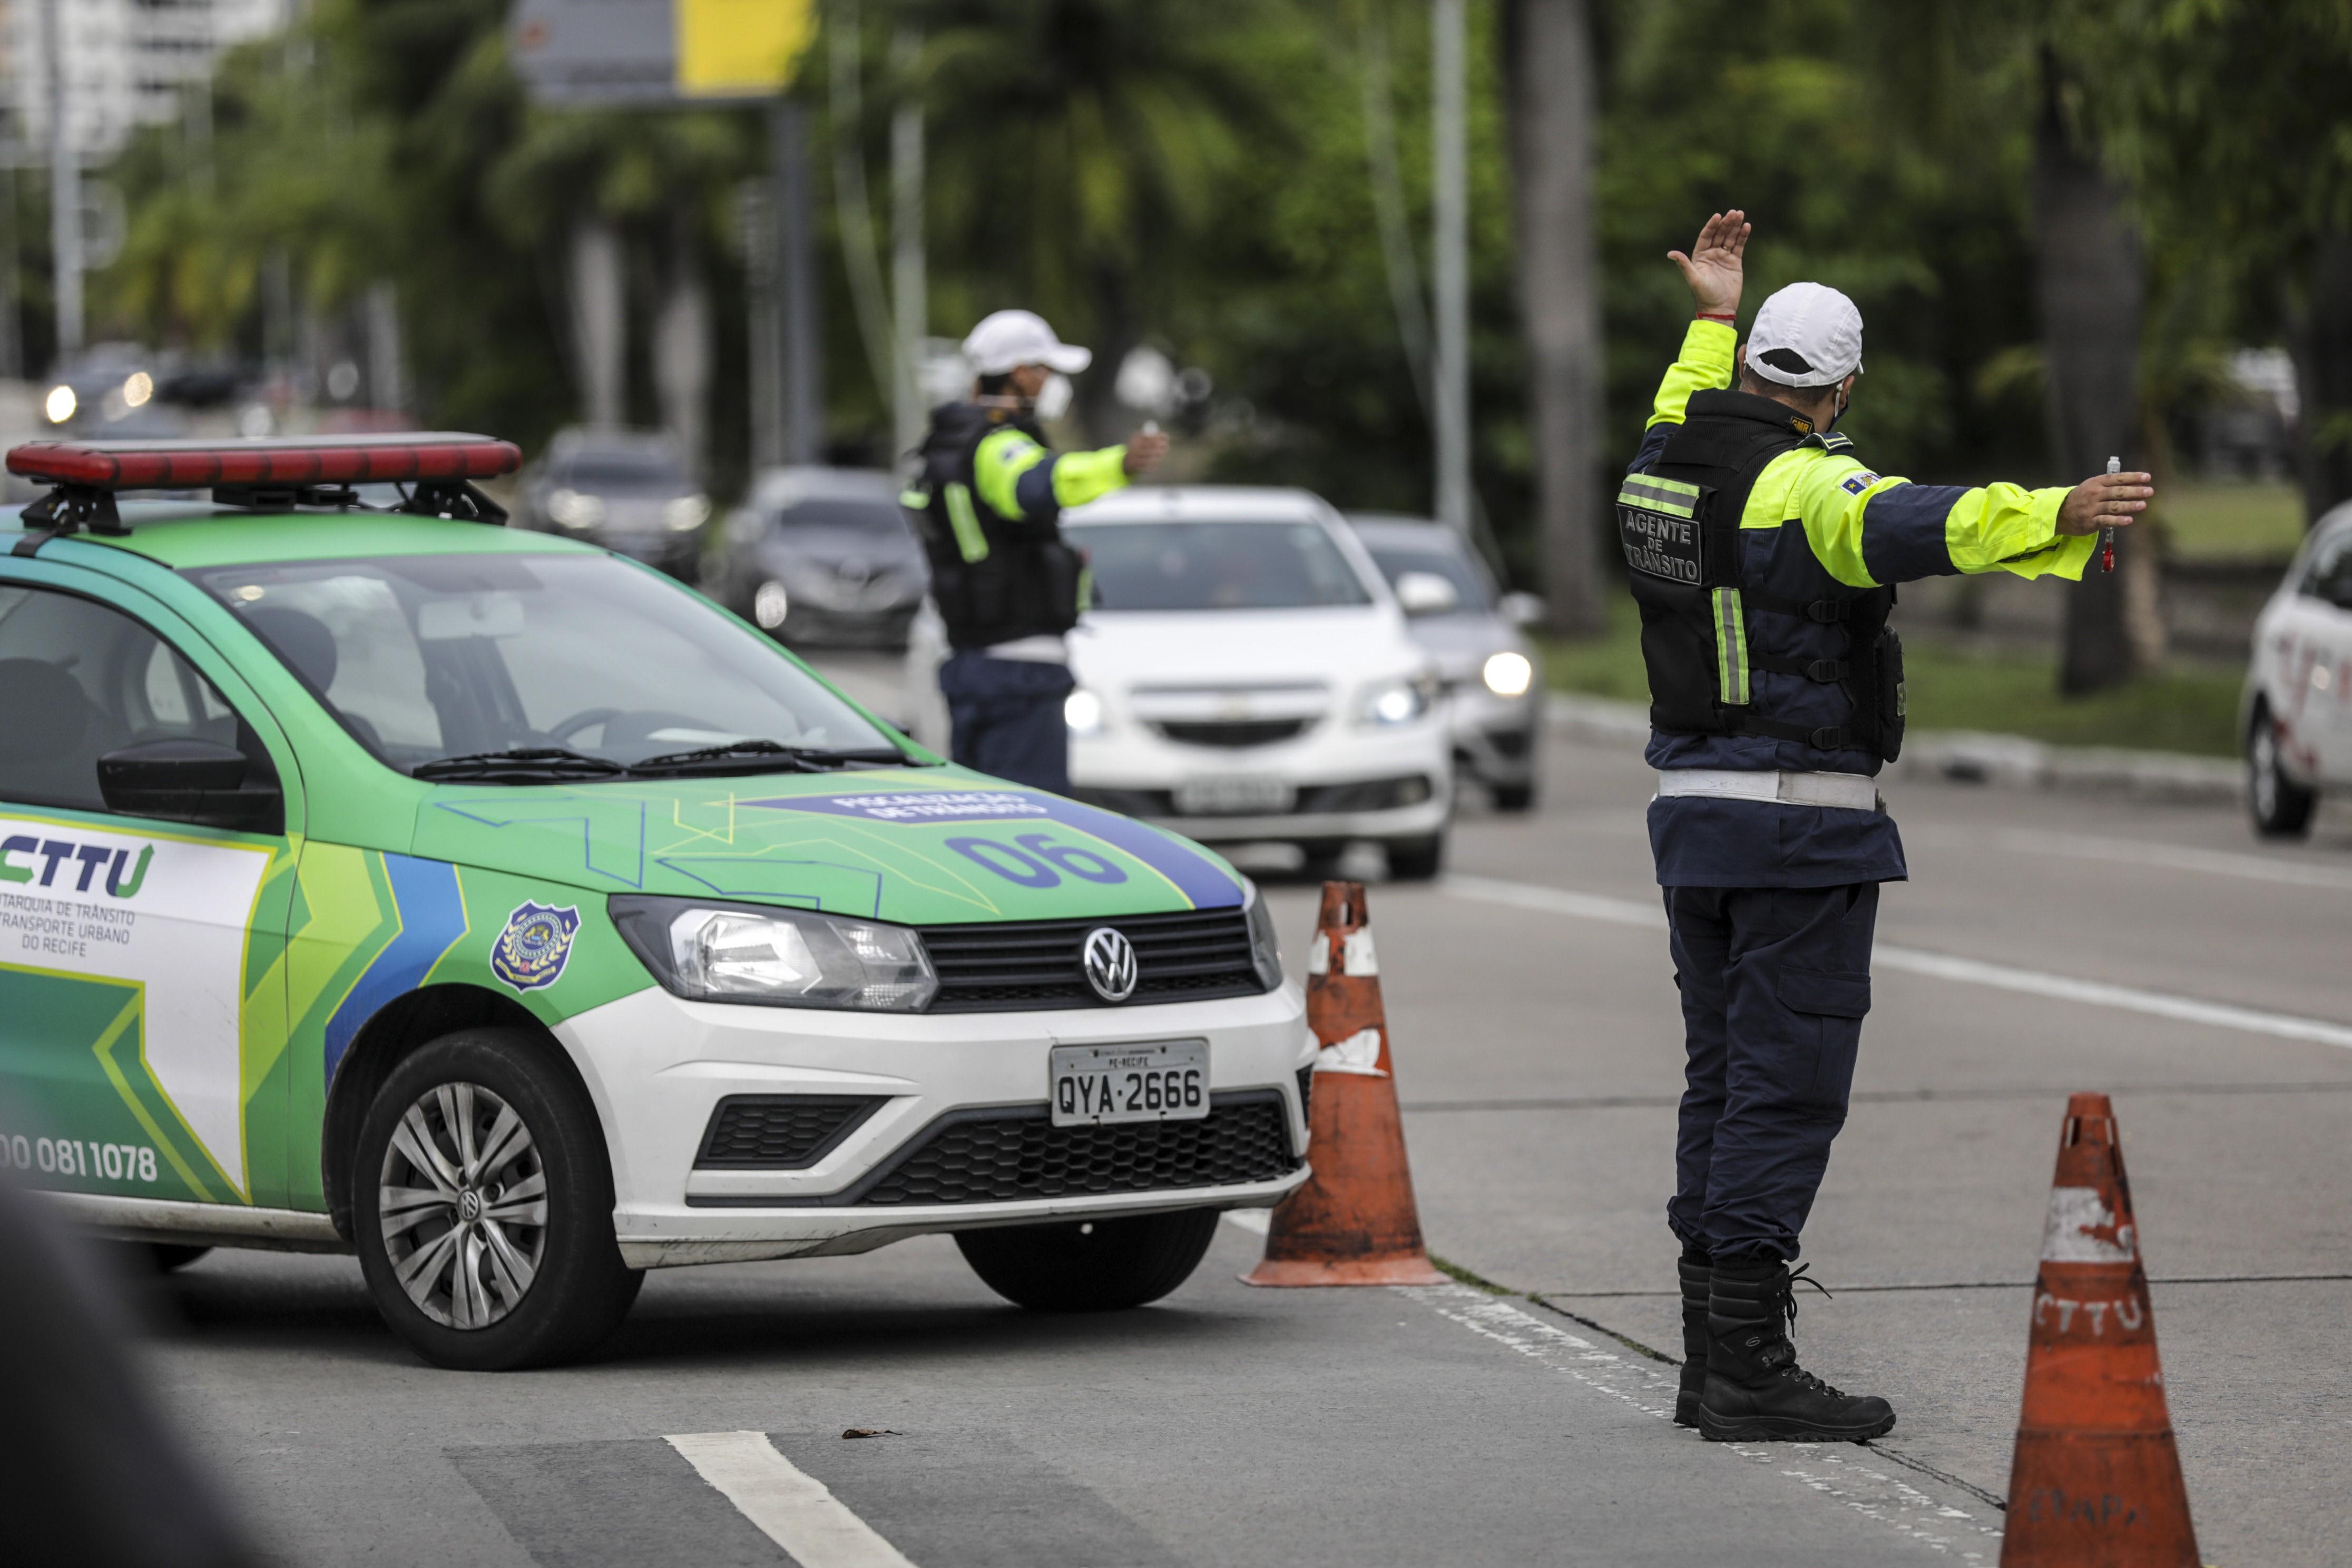 Pedestres são principais vítimas de acidentes de trânsito com mortes no Recife, diz relatório da CTTU